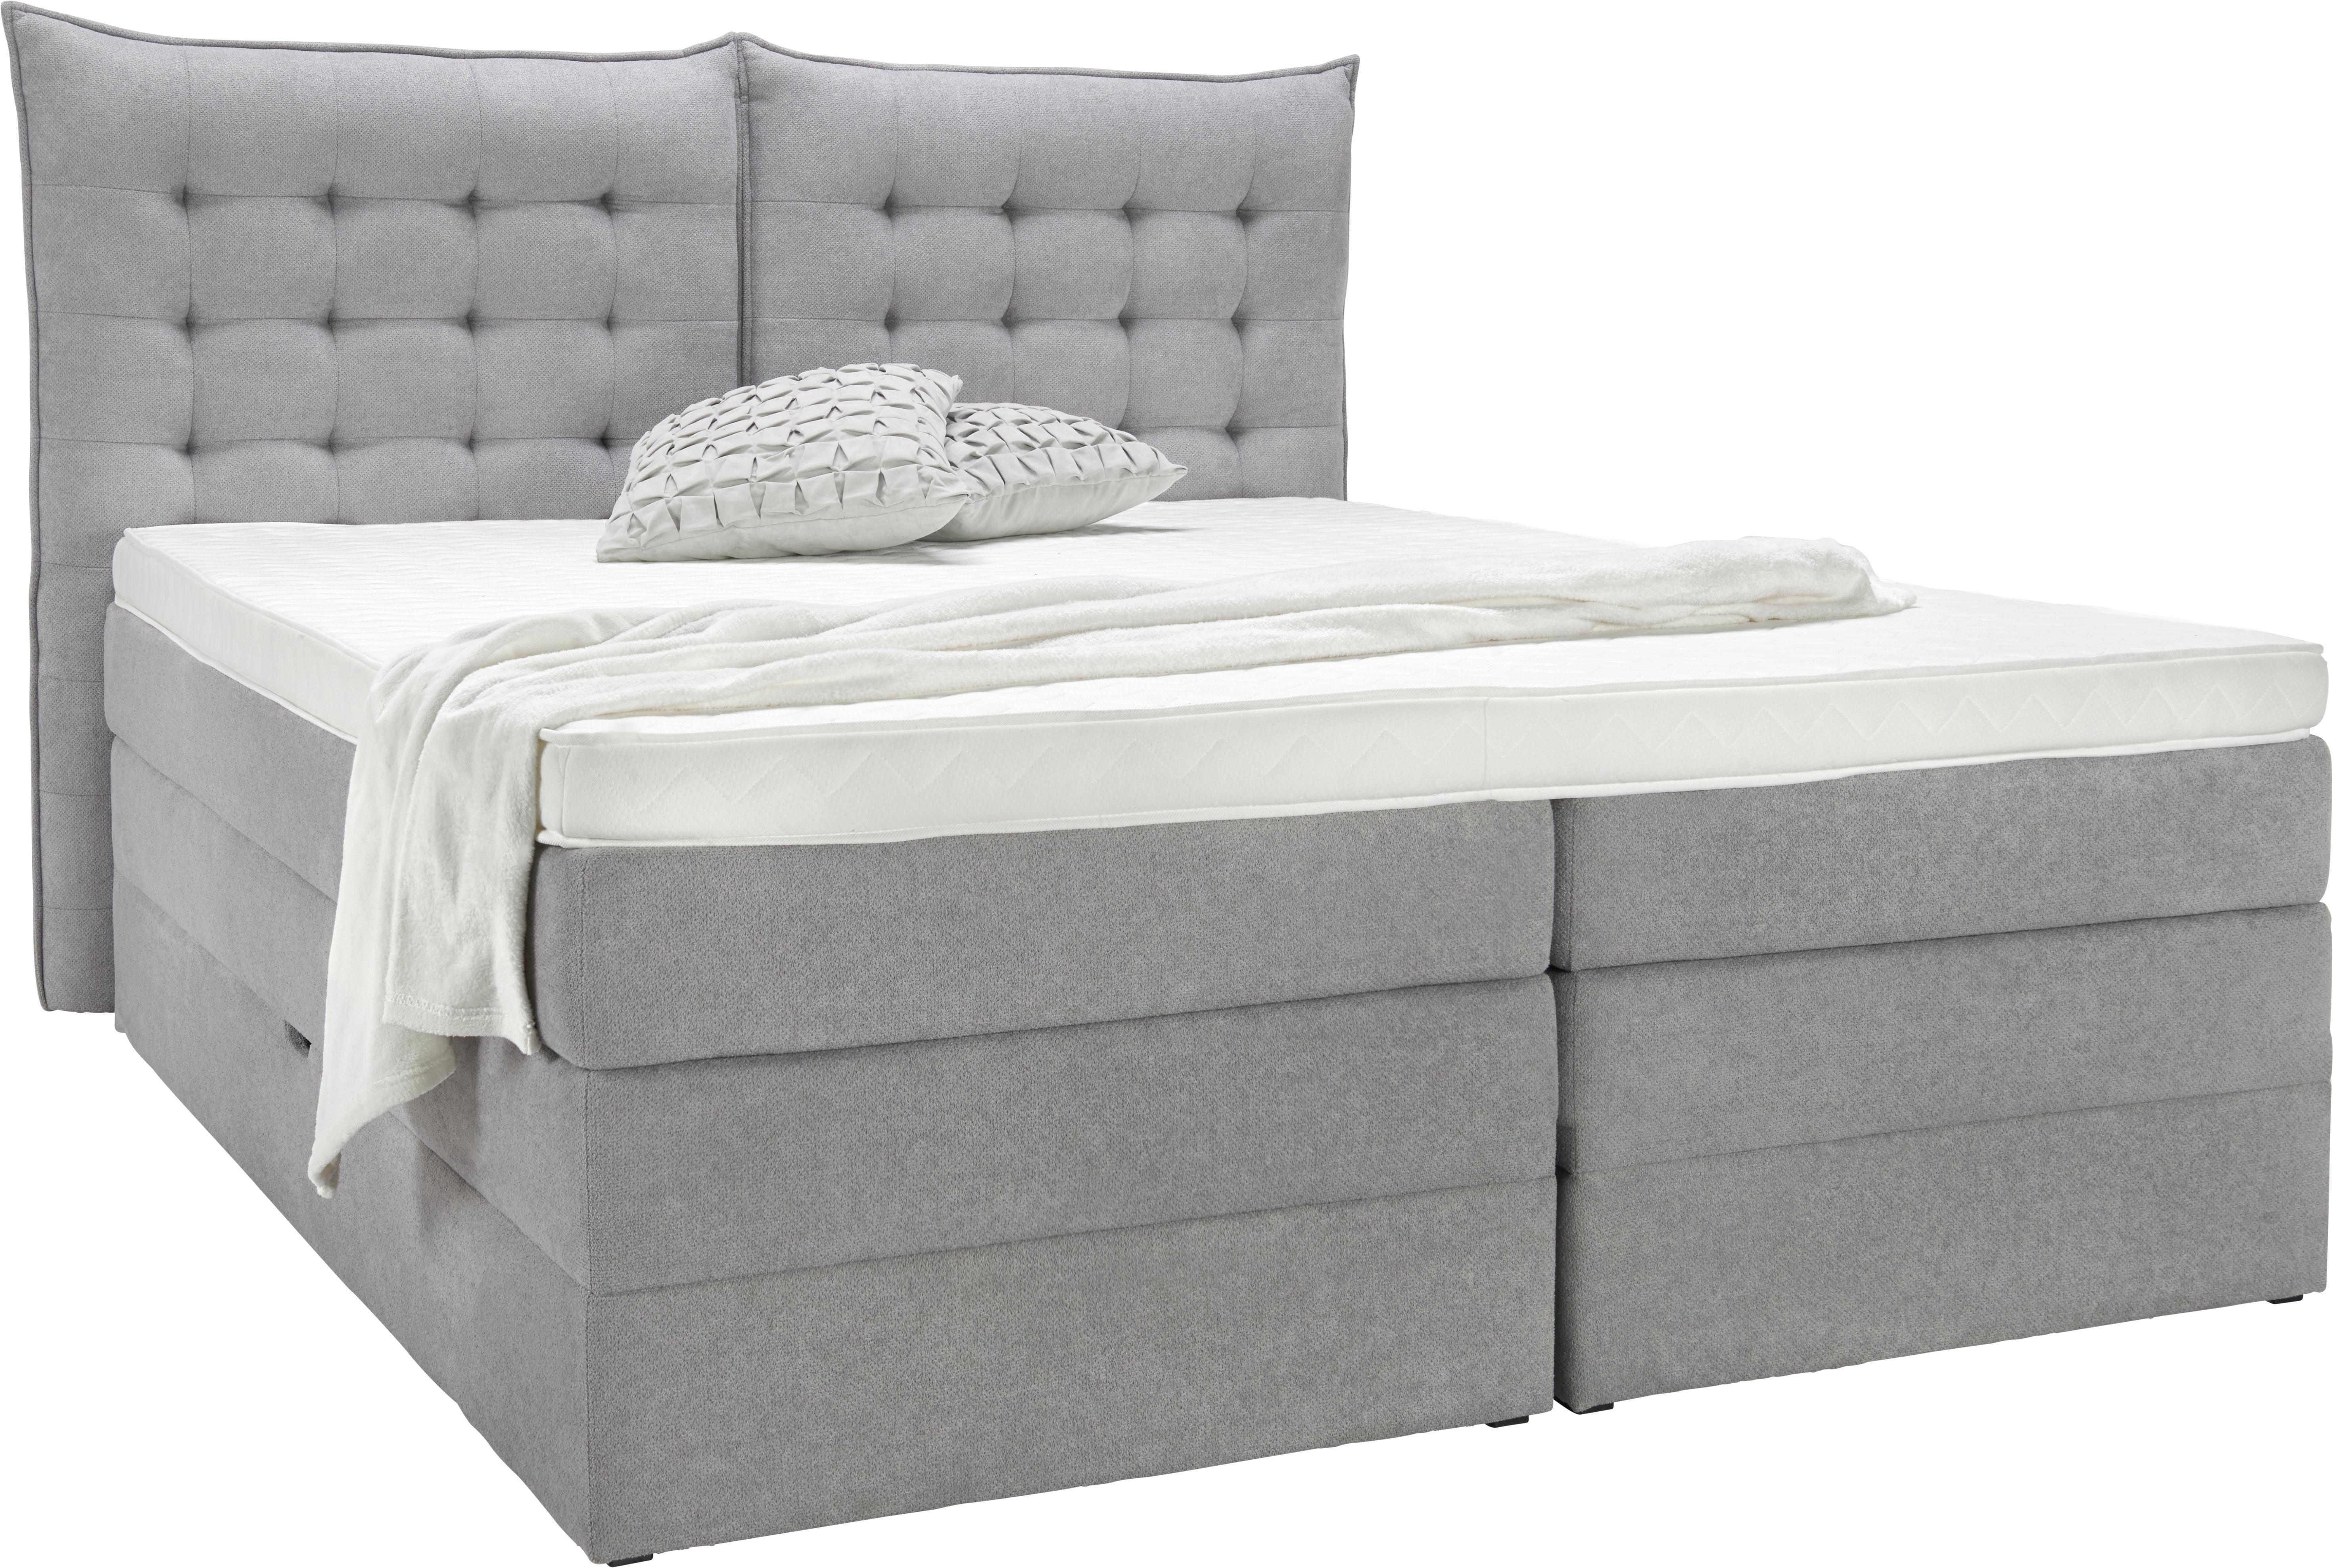 Bett In Grau, Ca. 180X200Cm Online Kaufen ➤ Mömax